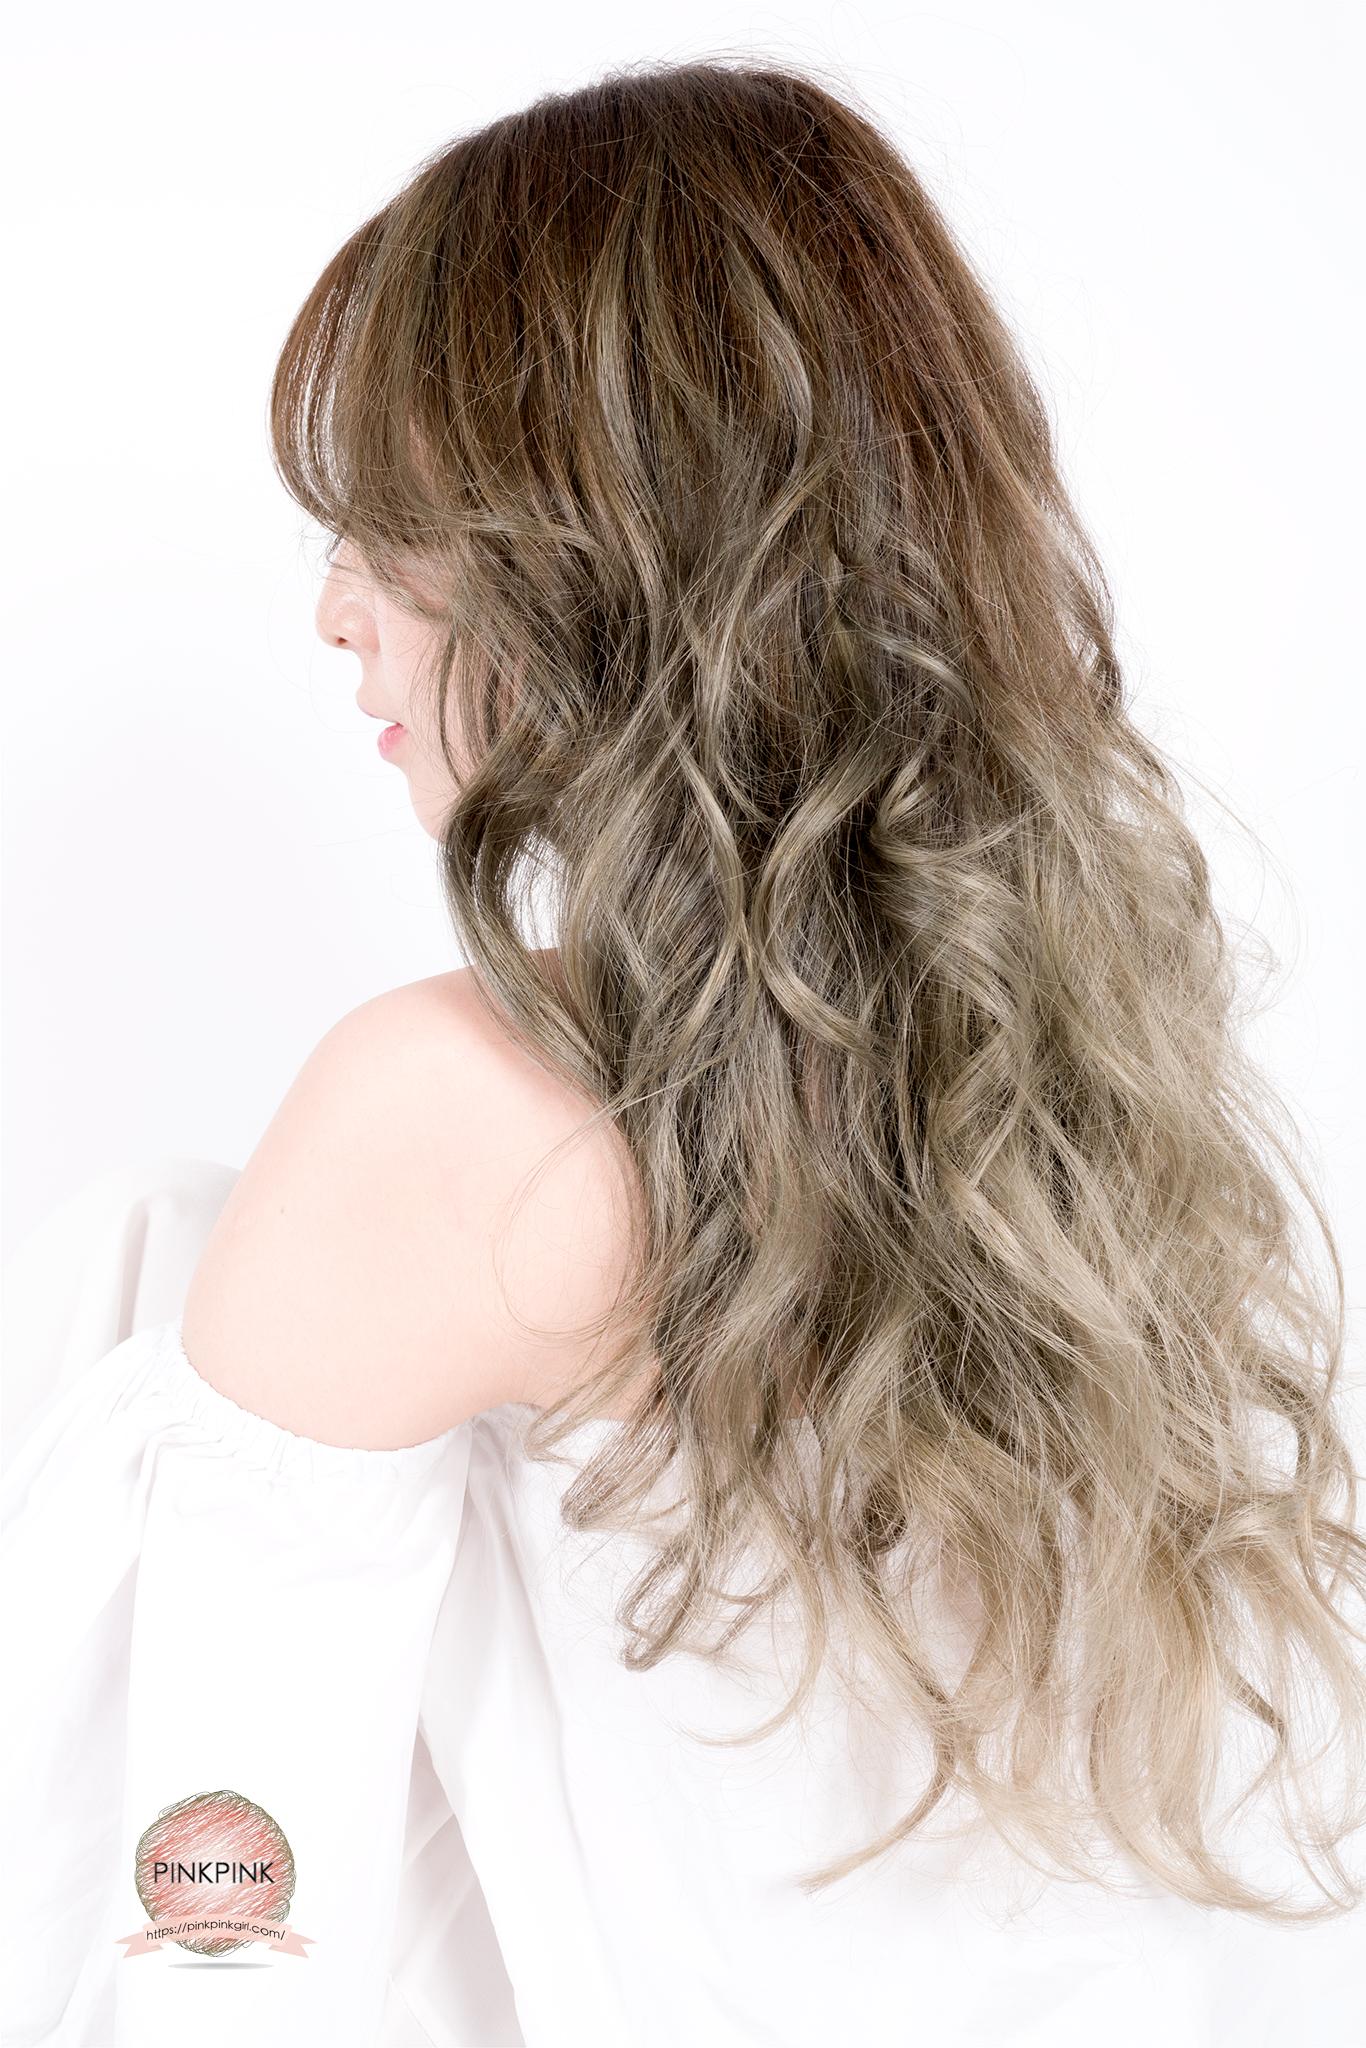 {台中}美髮小故事,『夏森髮型』染髮也保濕,薄荷綠的輕盈飄逸,擁有81種顏色染膏,讓我染髮再也不怕跟別人撞色了!